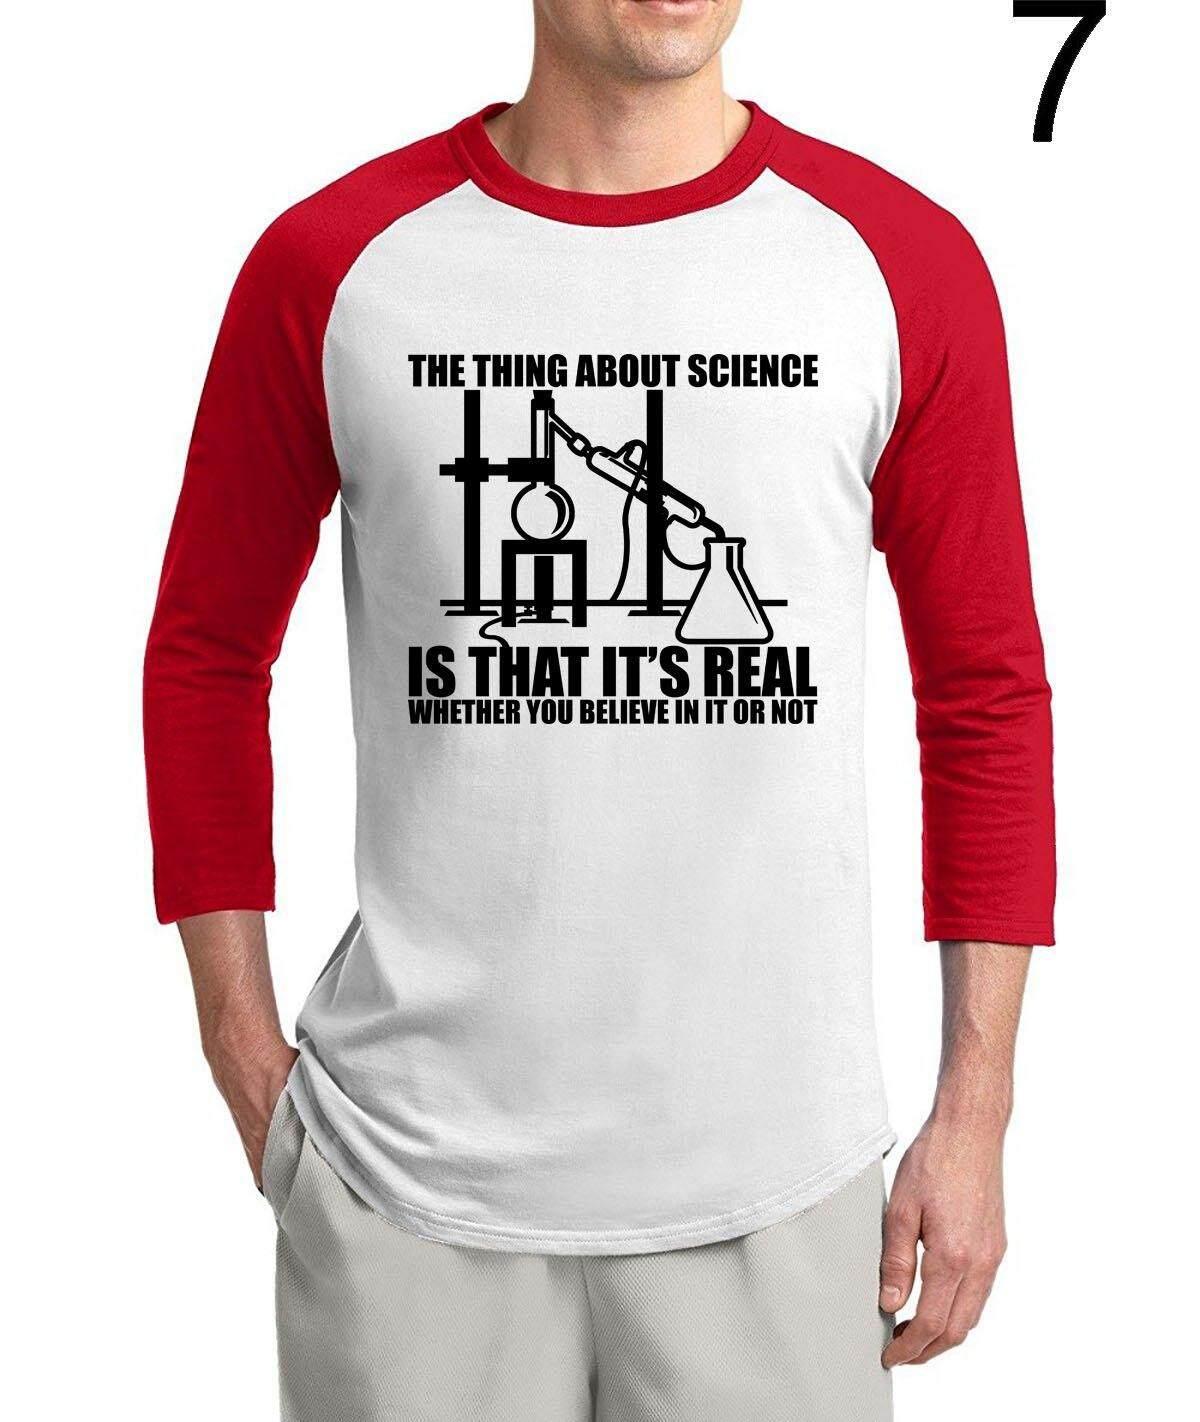 Aosikthis Adalah Ilmu Pengetahuan-REAL Percaya atau Tidak 2019 Musim Panas Penjualan Terlaris 3/4 Lengan Ilmu Kemeja 100% Katun Baru Raglan Pria t-shirt